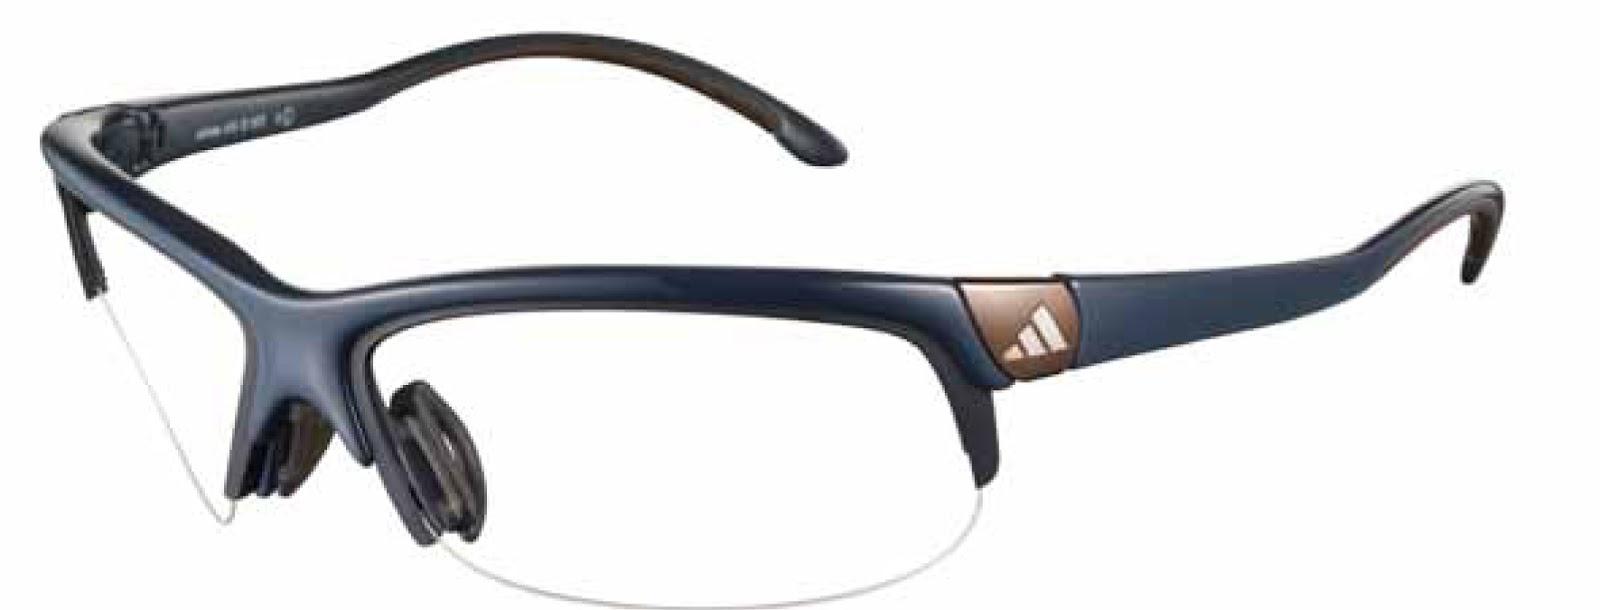 009bae7256 Centro óptico Gran Vía: Graduación de gafas adidas con adaptador de hilo de  nylon